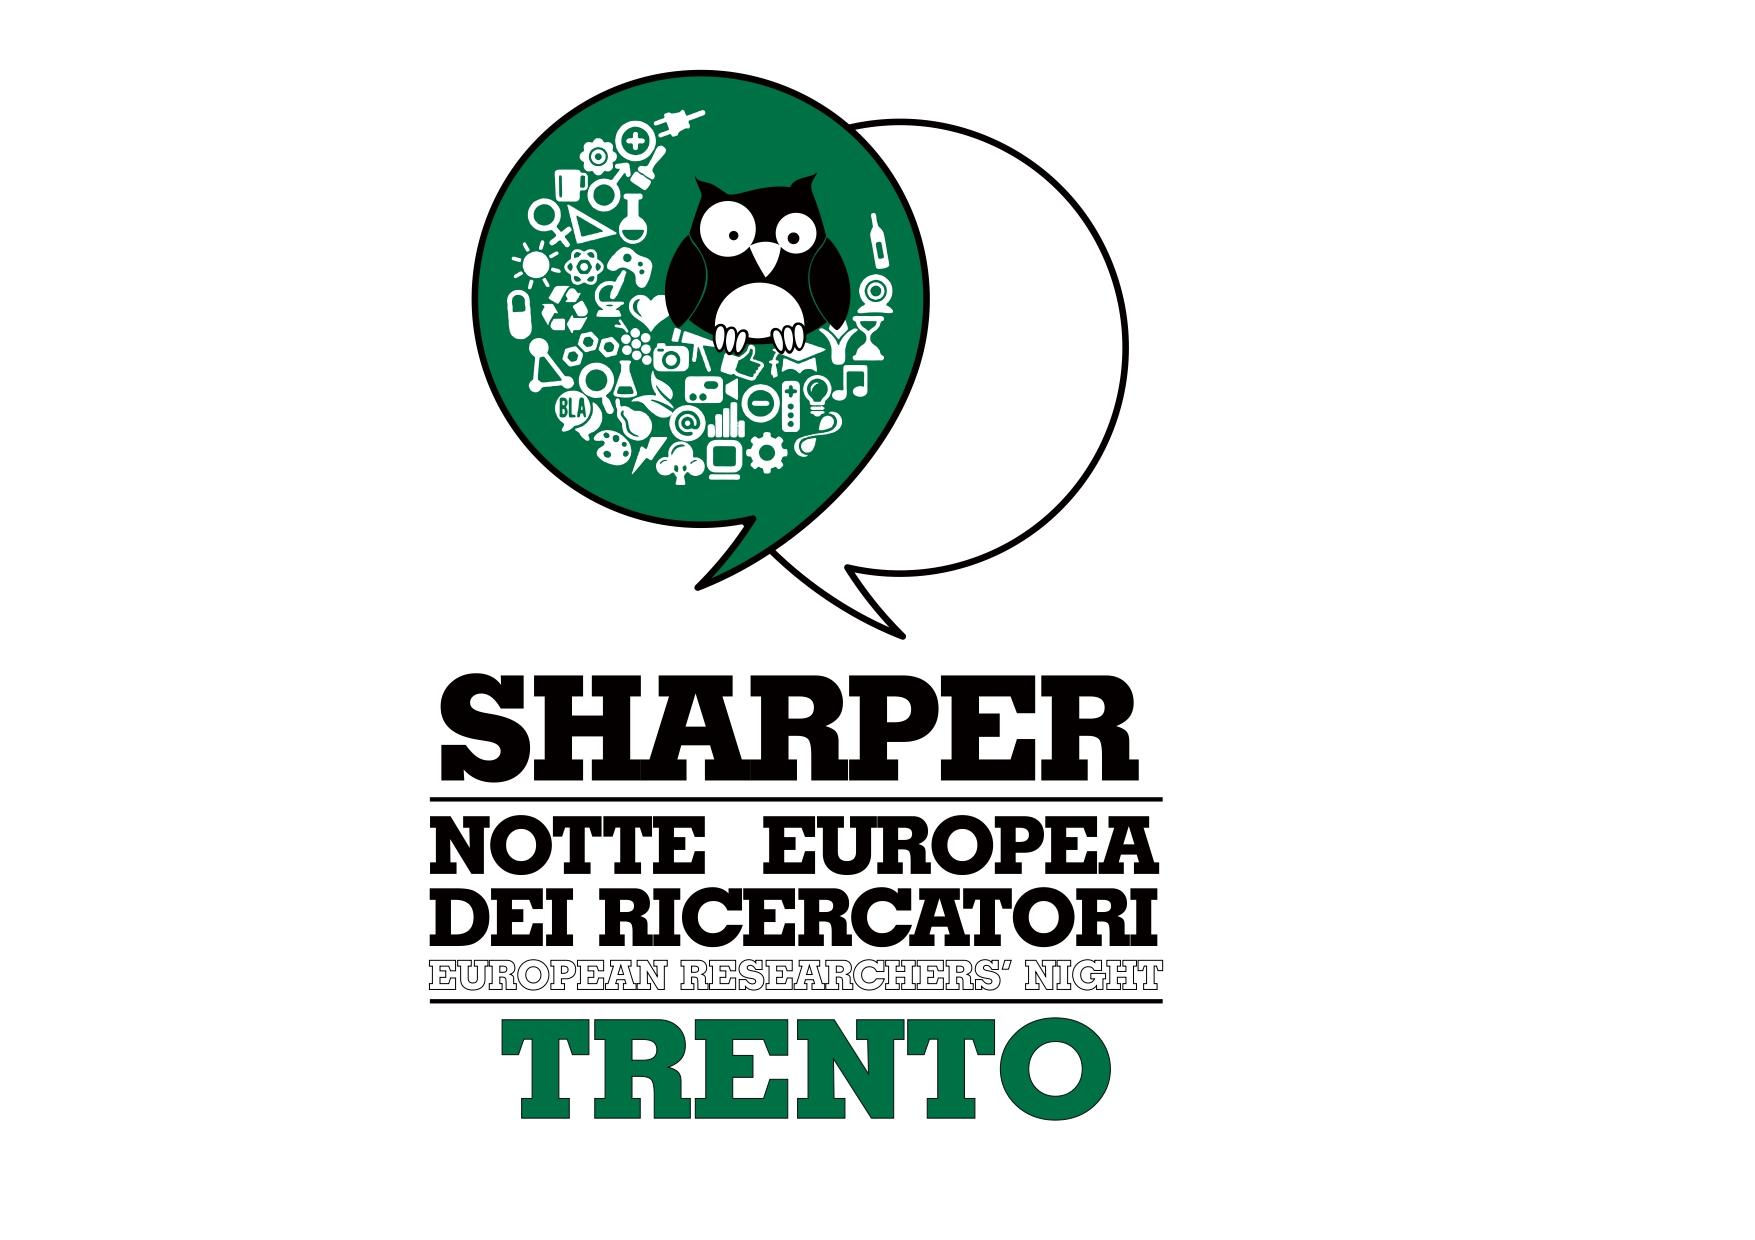 Sharper Trento